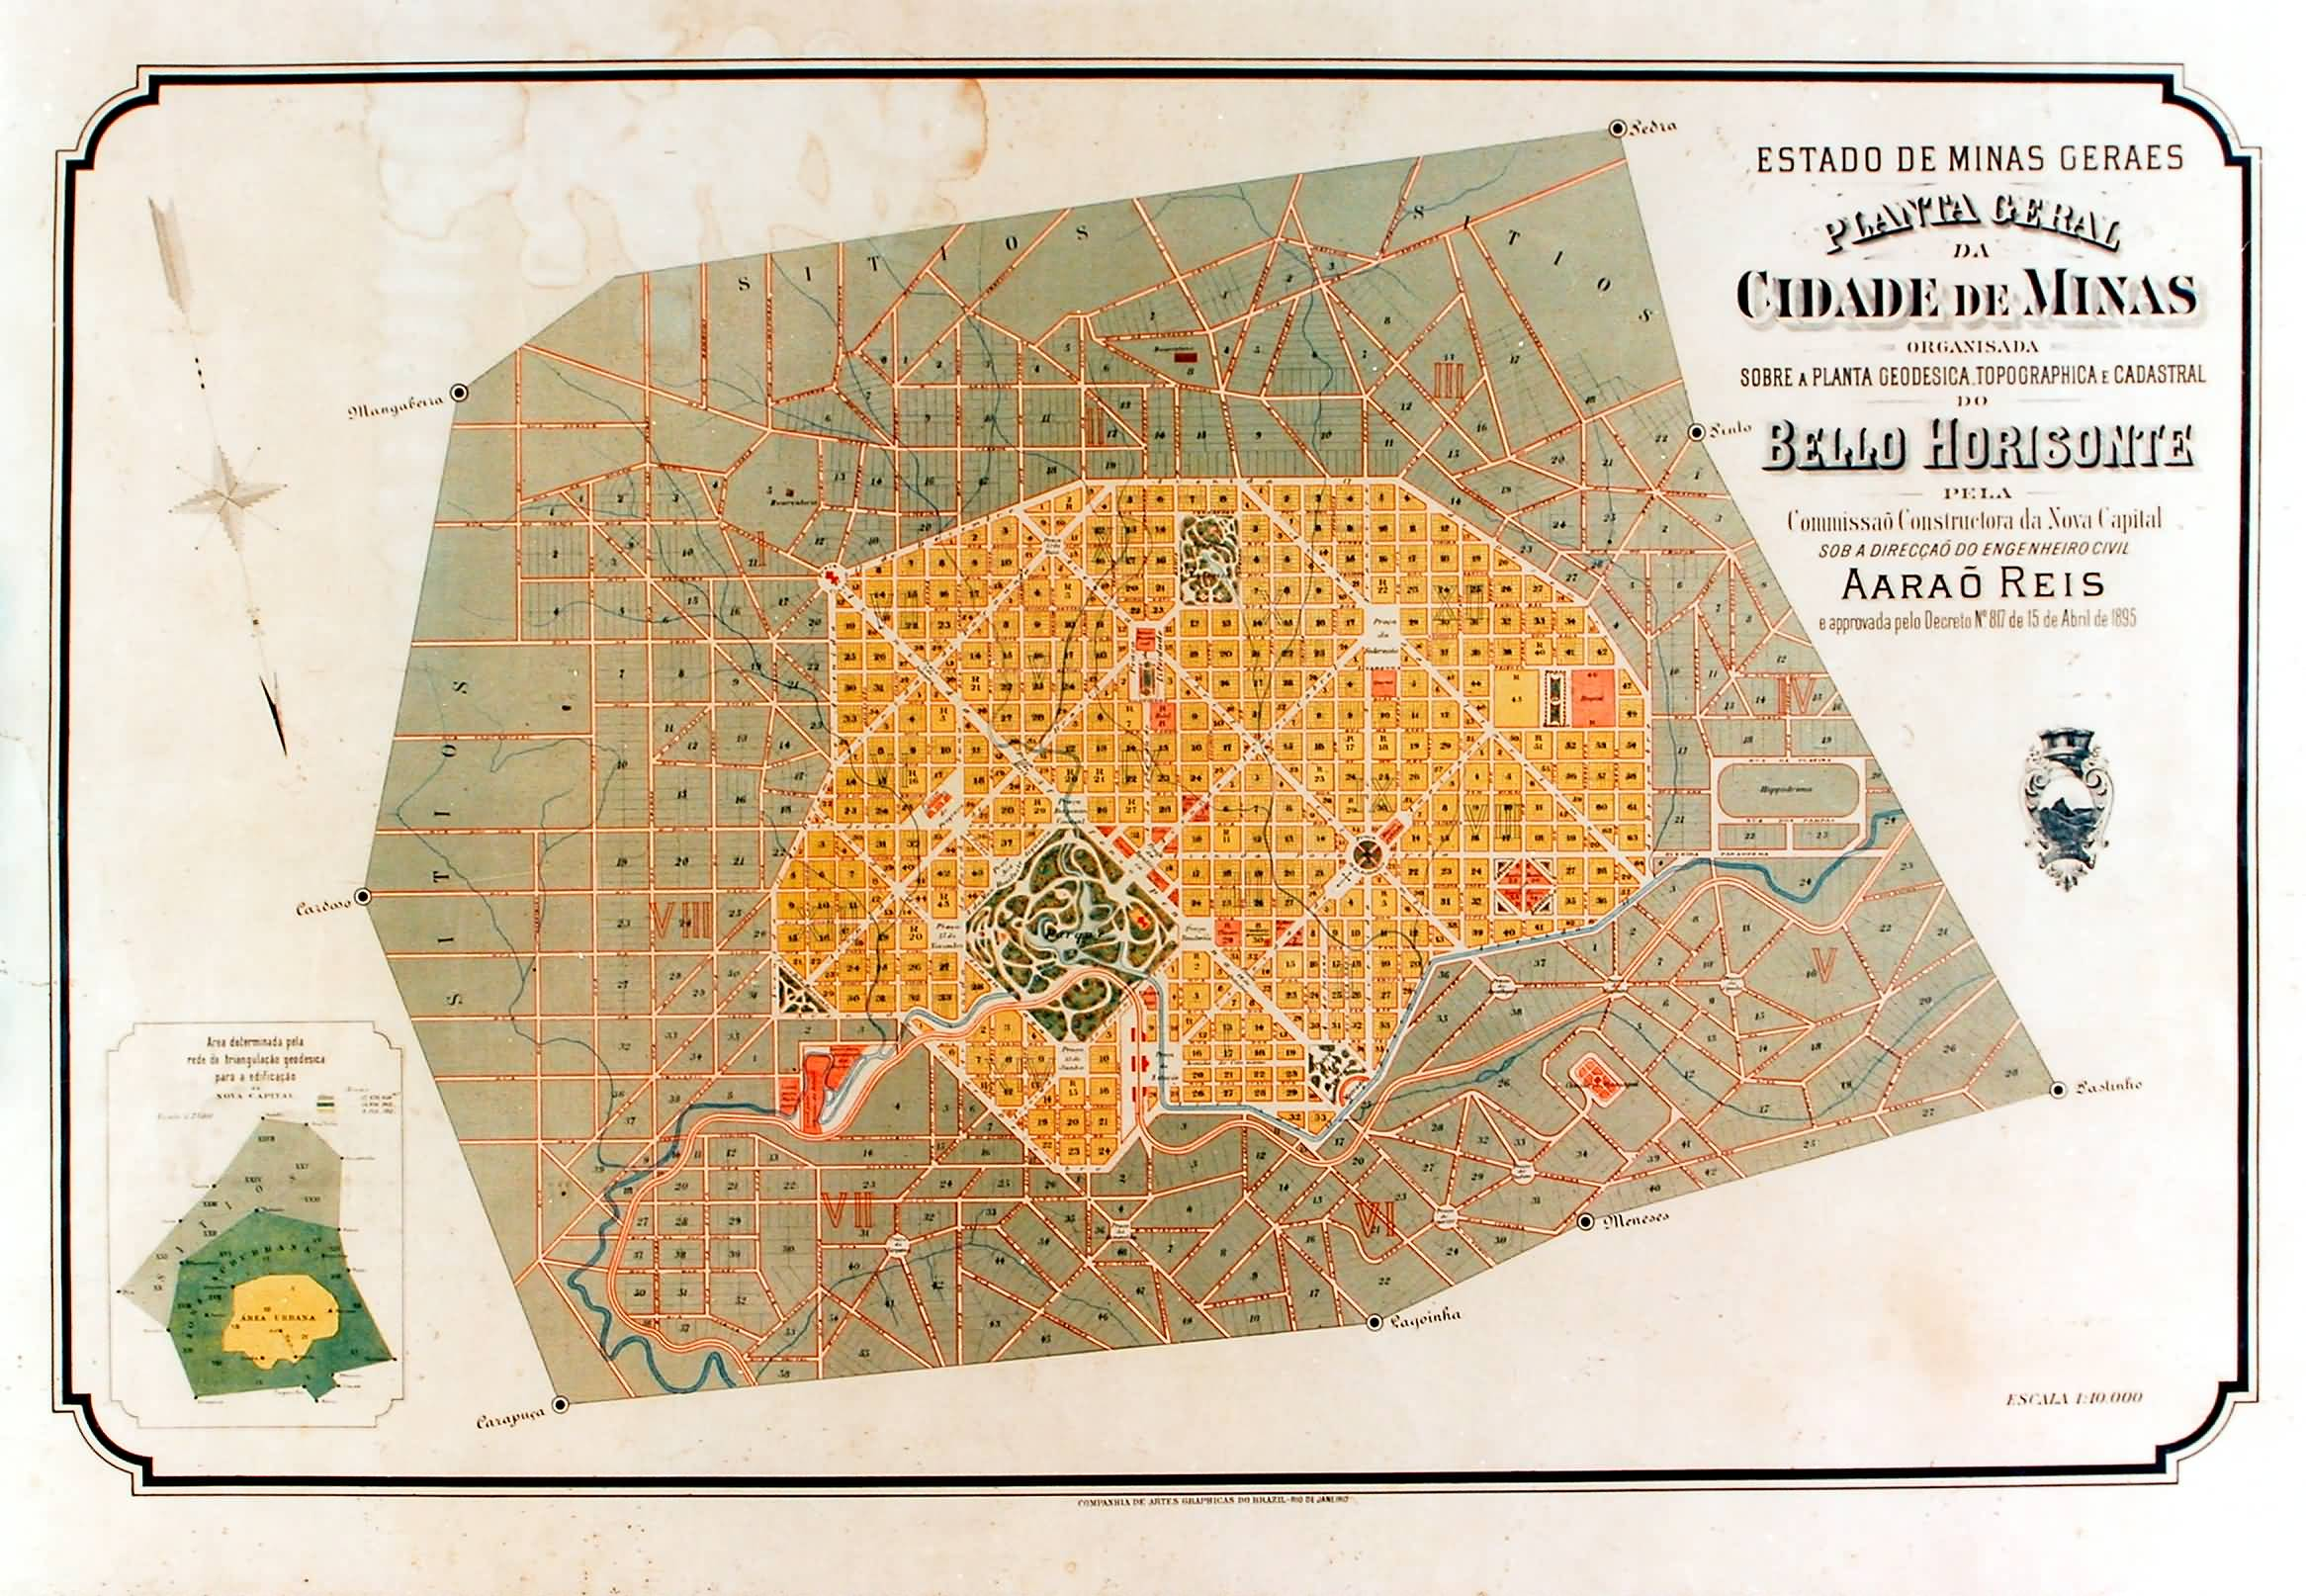 География ЧМ-2014. Белу-Оризонти - изображение 4